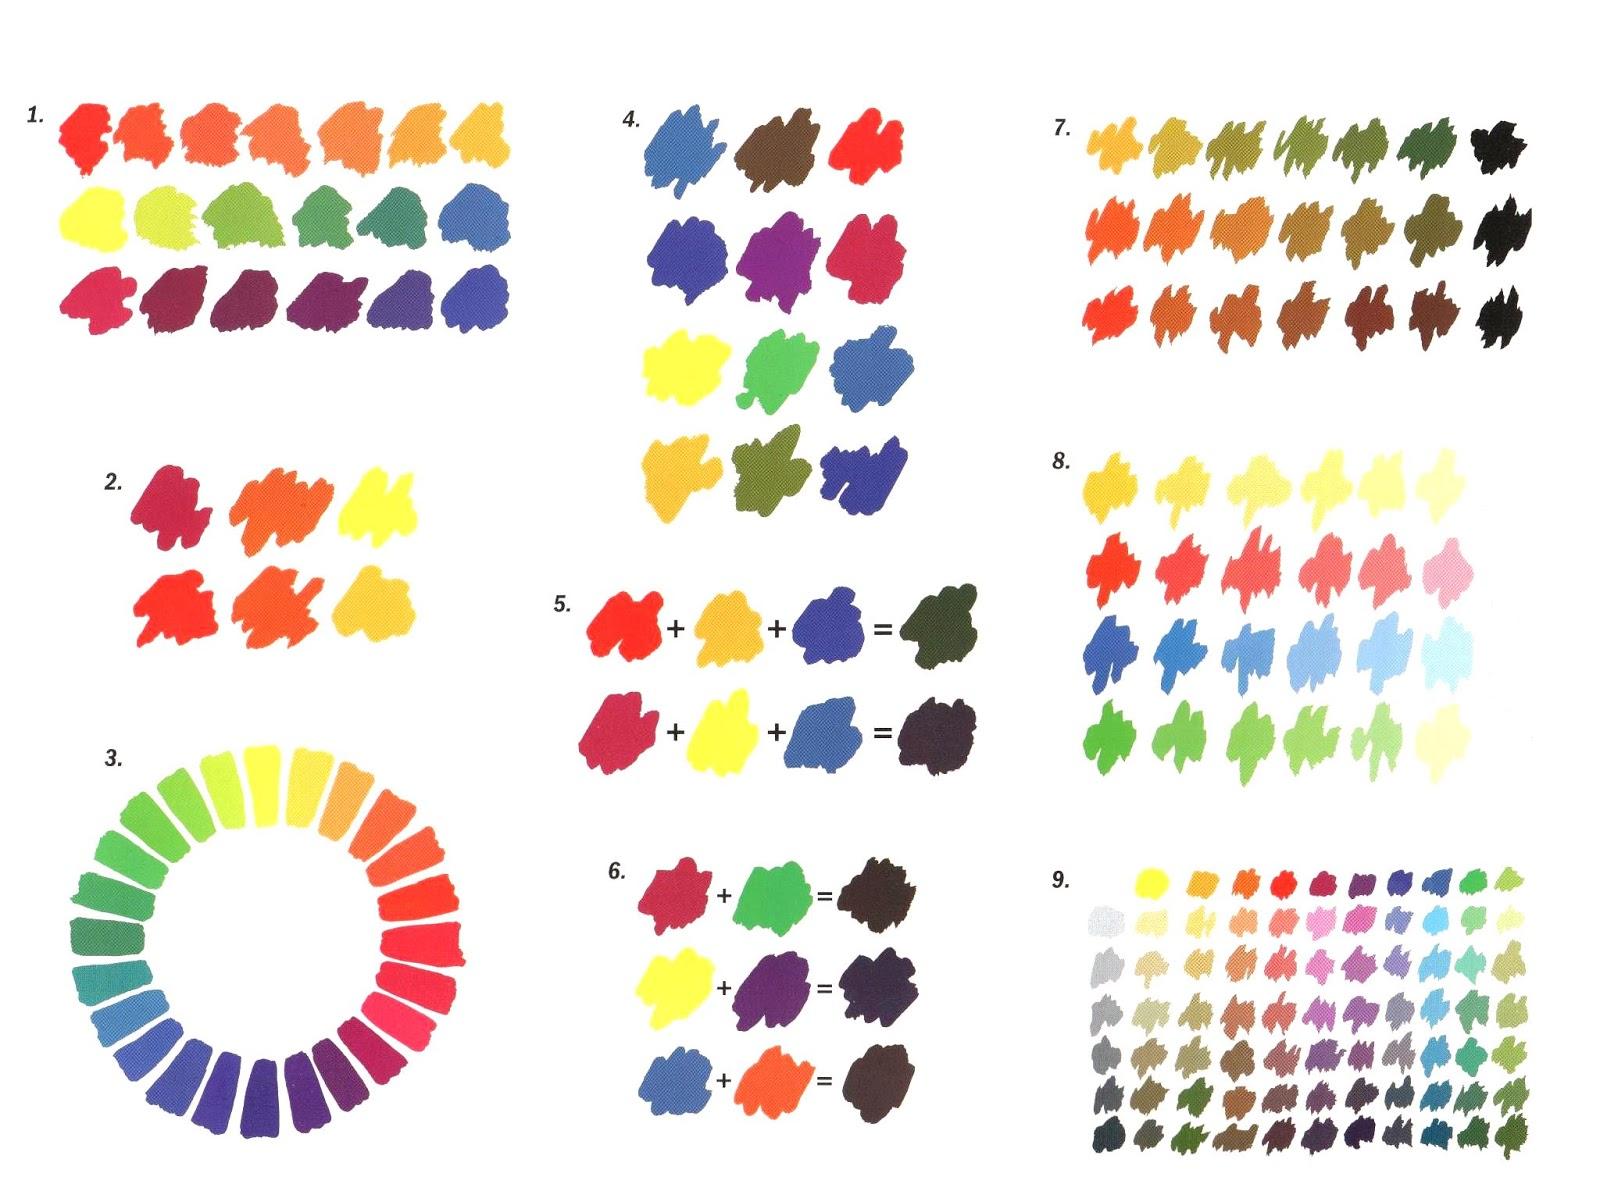 Cartas de colores pinturas para el arte mezcla de for Como combinar colores de pintura